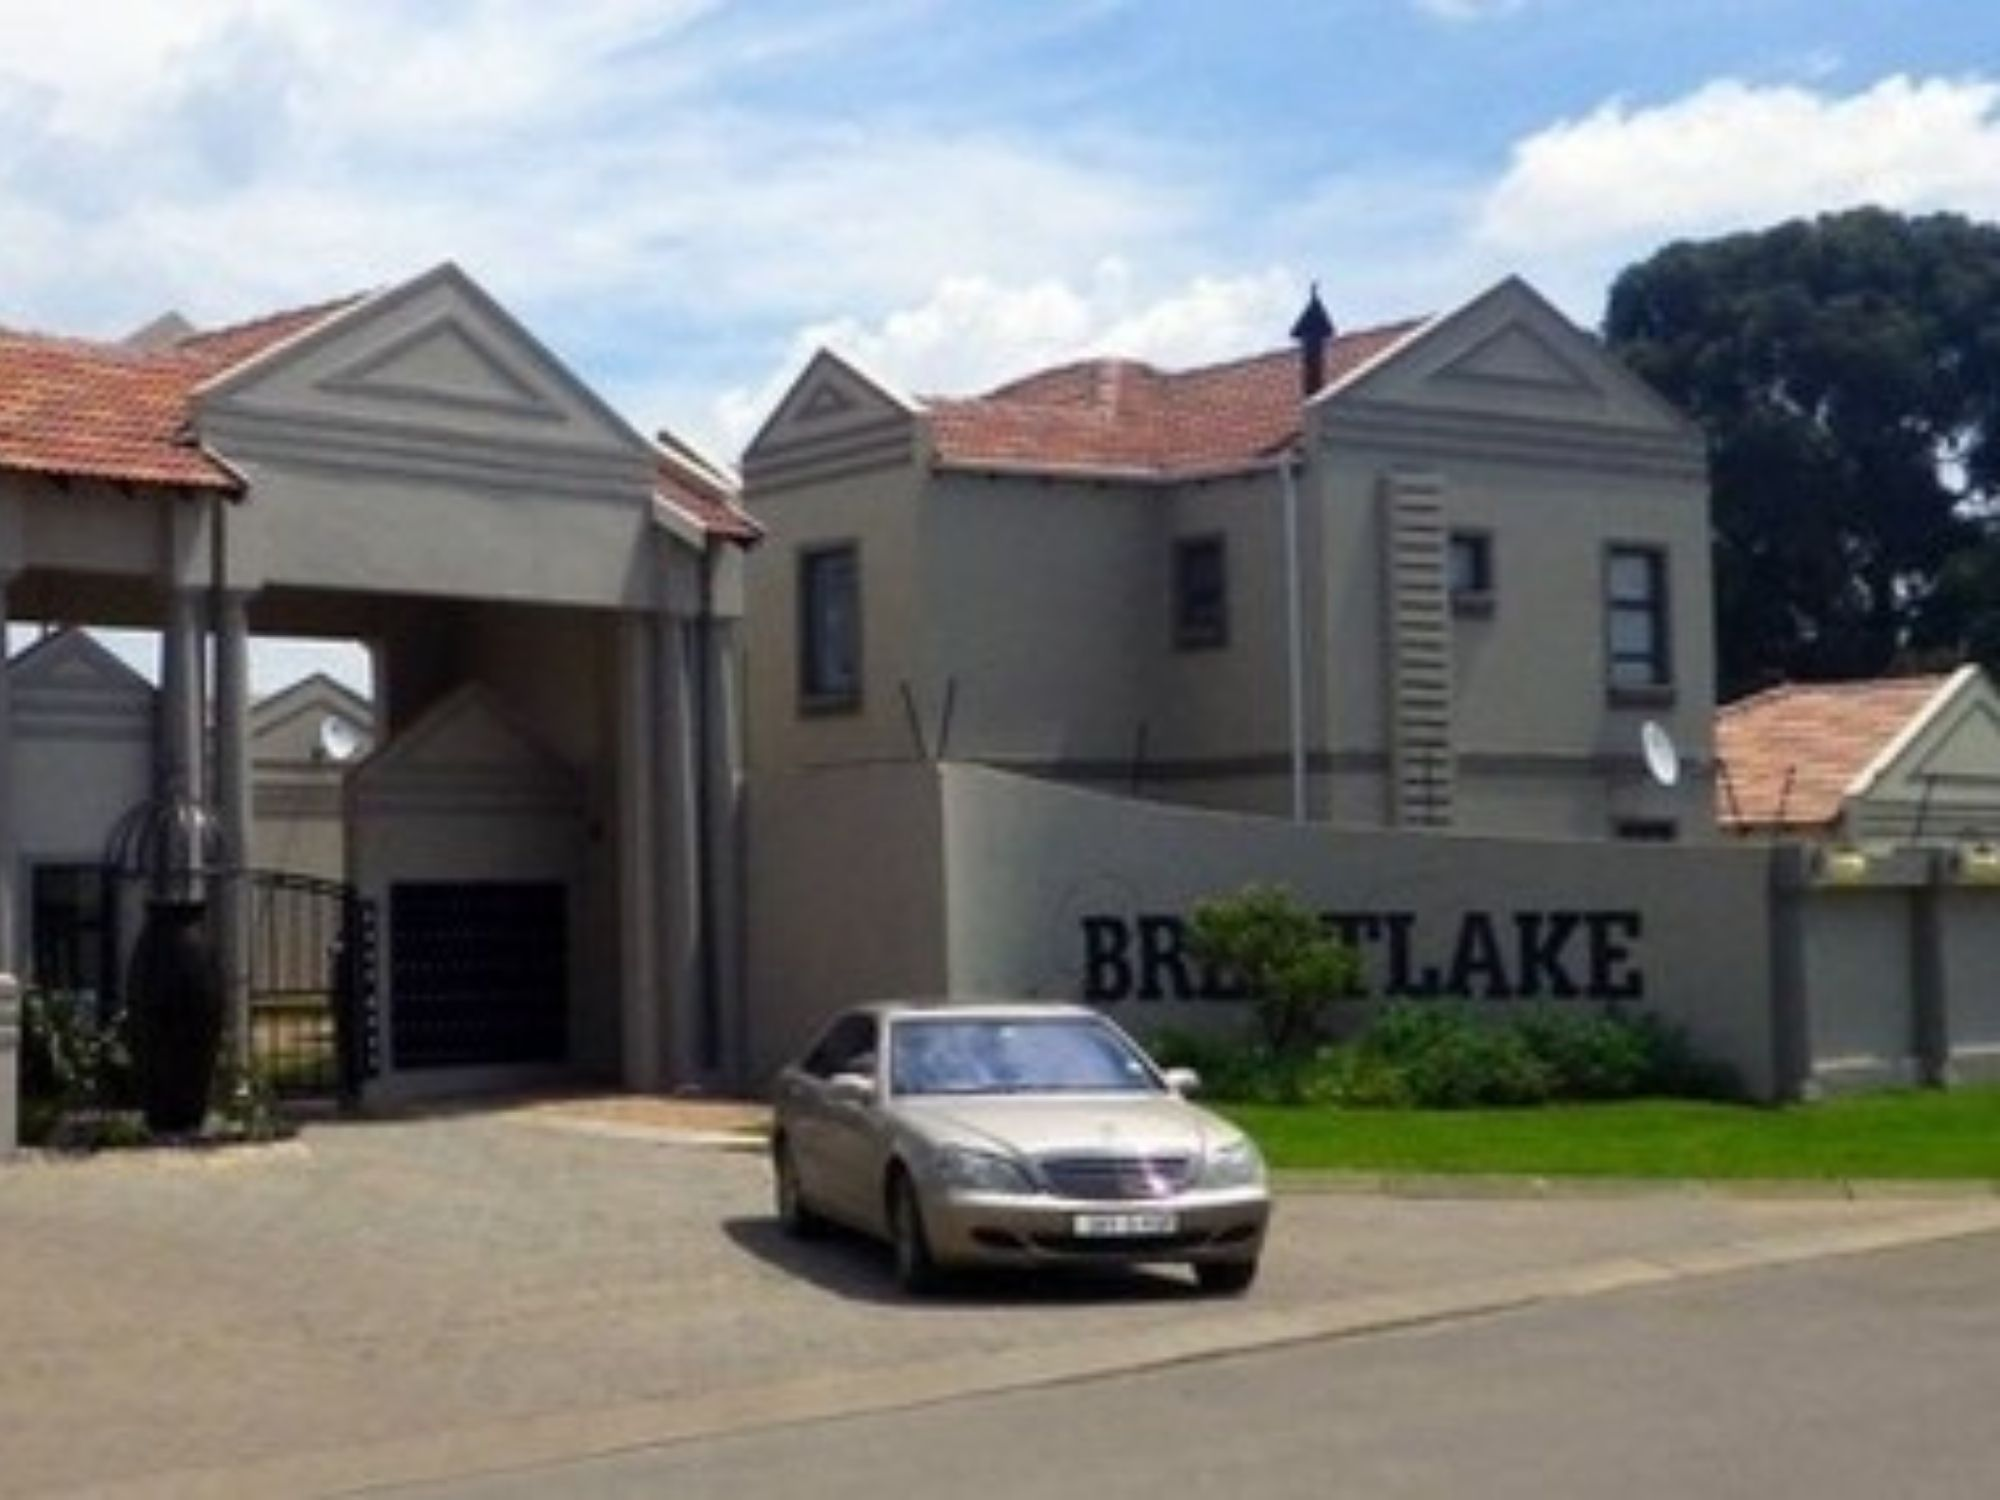 Brentlake